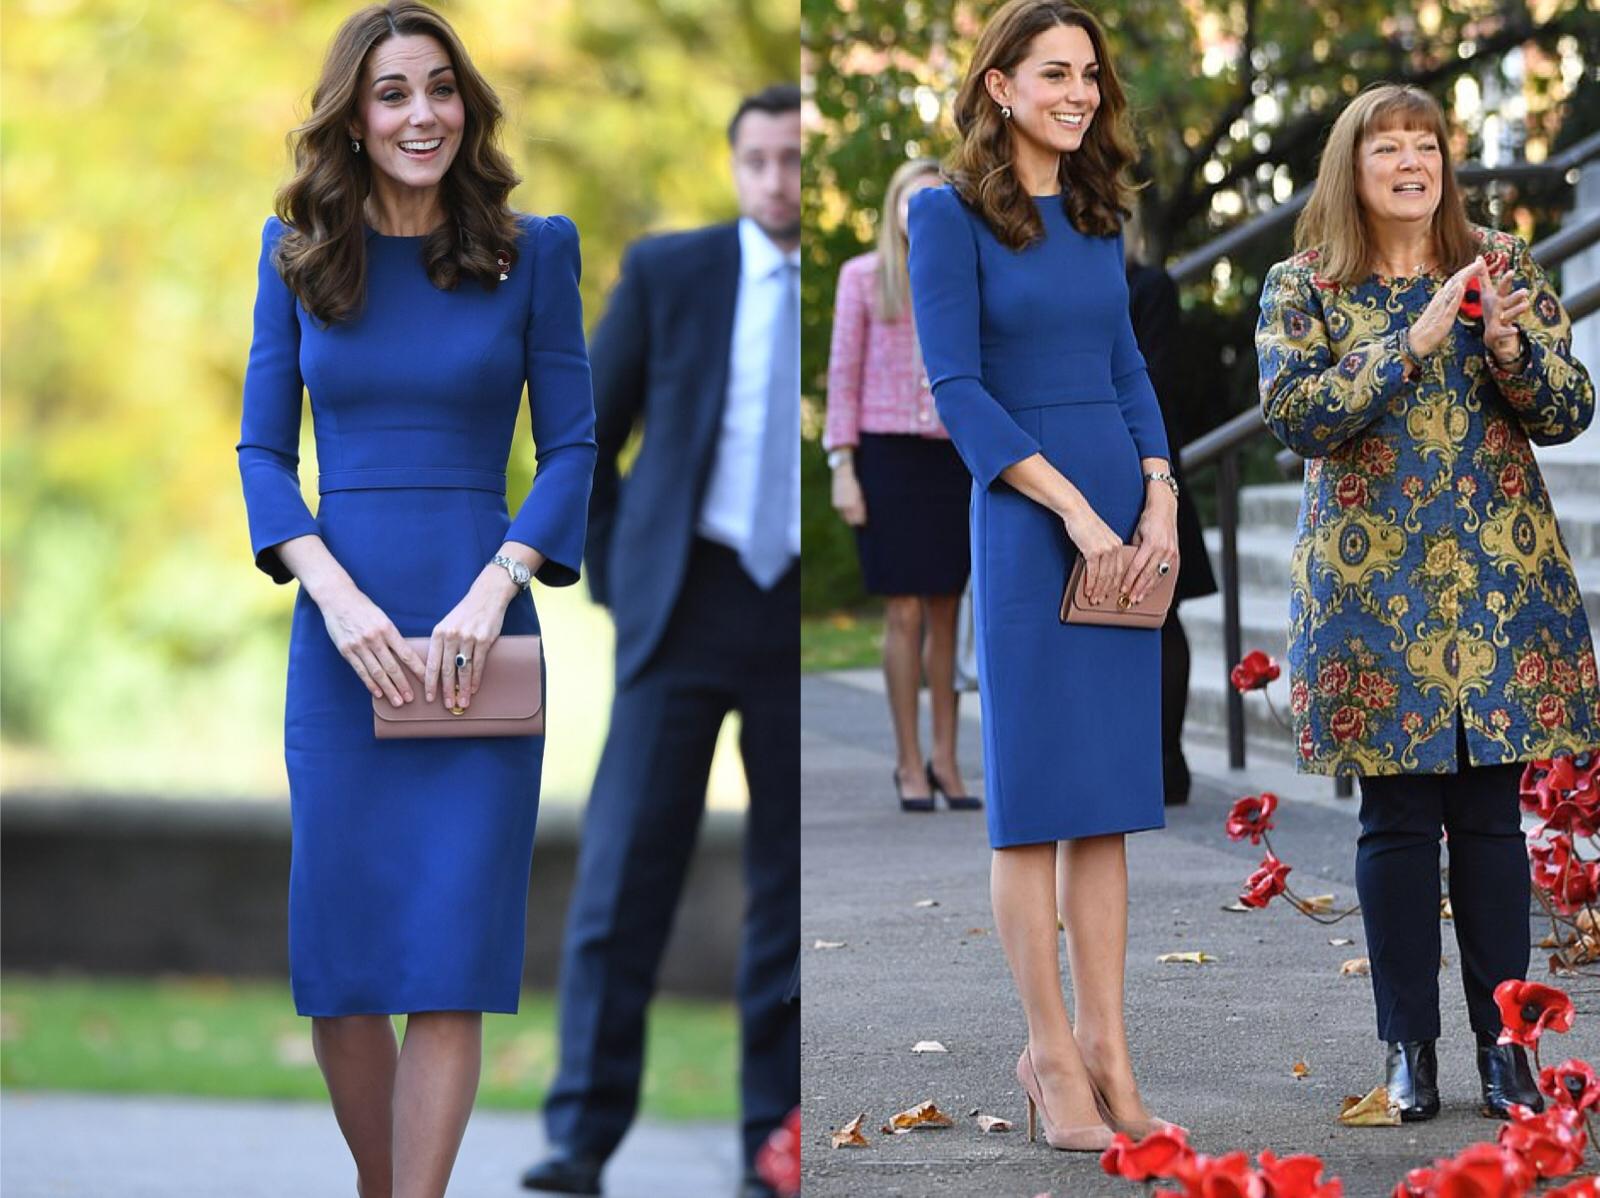 凯特王妃比A4腰还瘦,路易王子太难带?紧身蓝裙配波浪卷发好妩媚